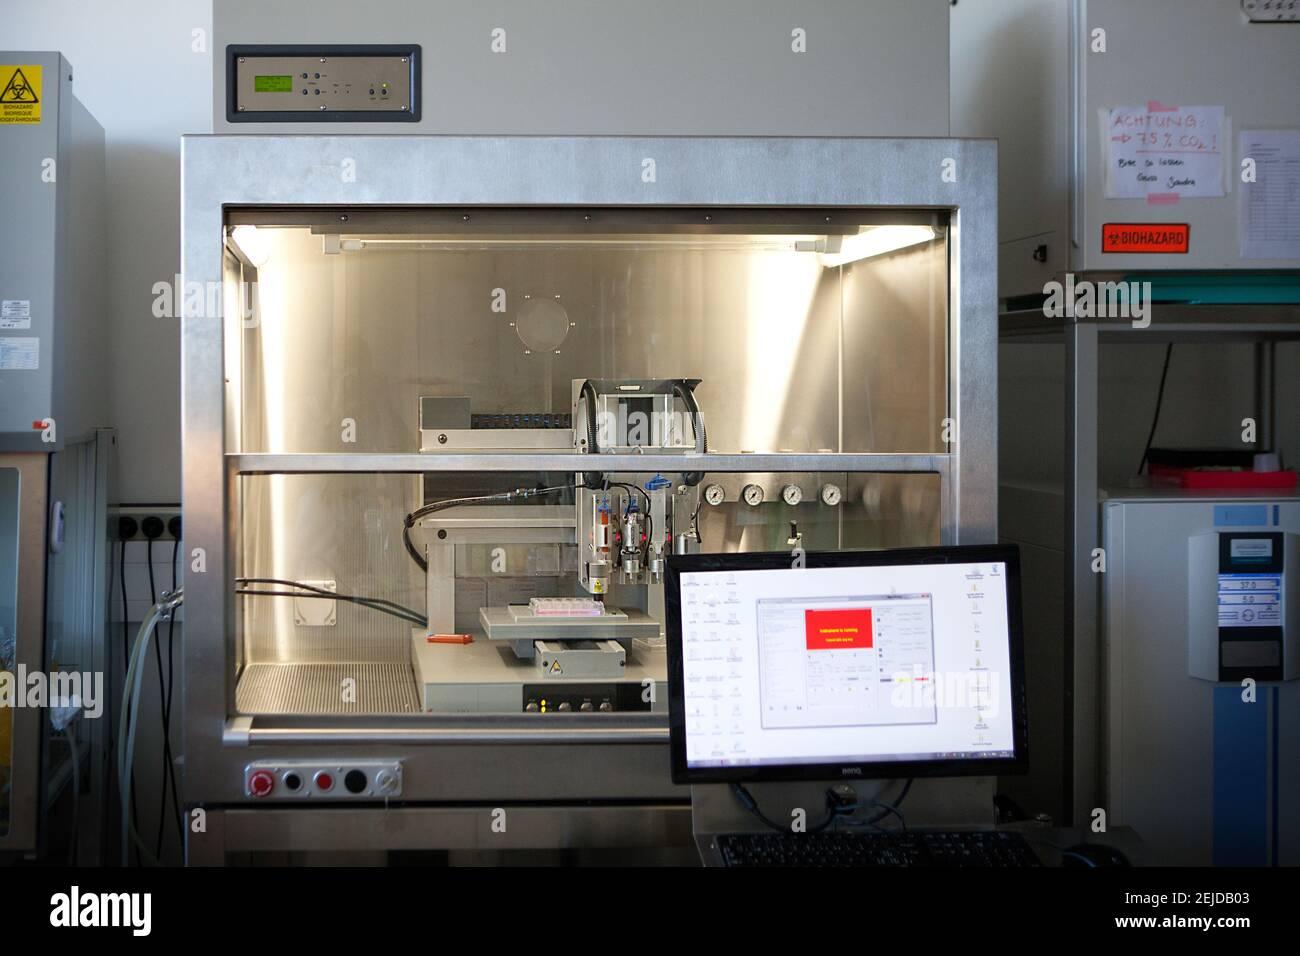 Bioprinter imprimer différents tissus humains en associant les cellules primaires, les biomatériaux et les facteurs de croissance. Banque D'Images